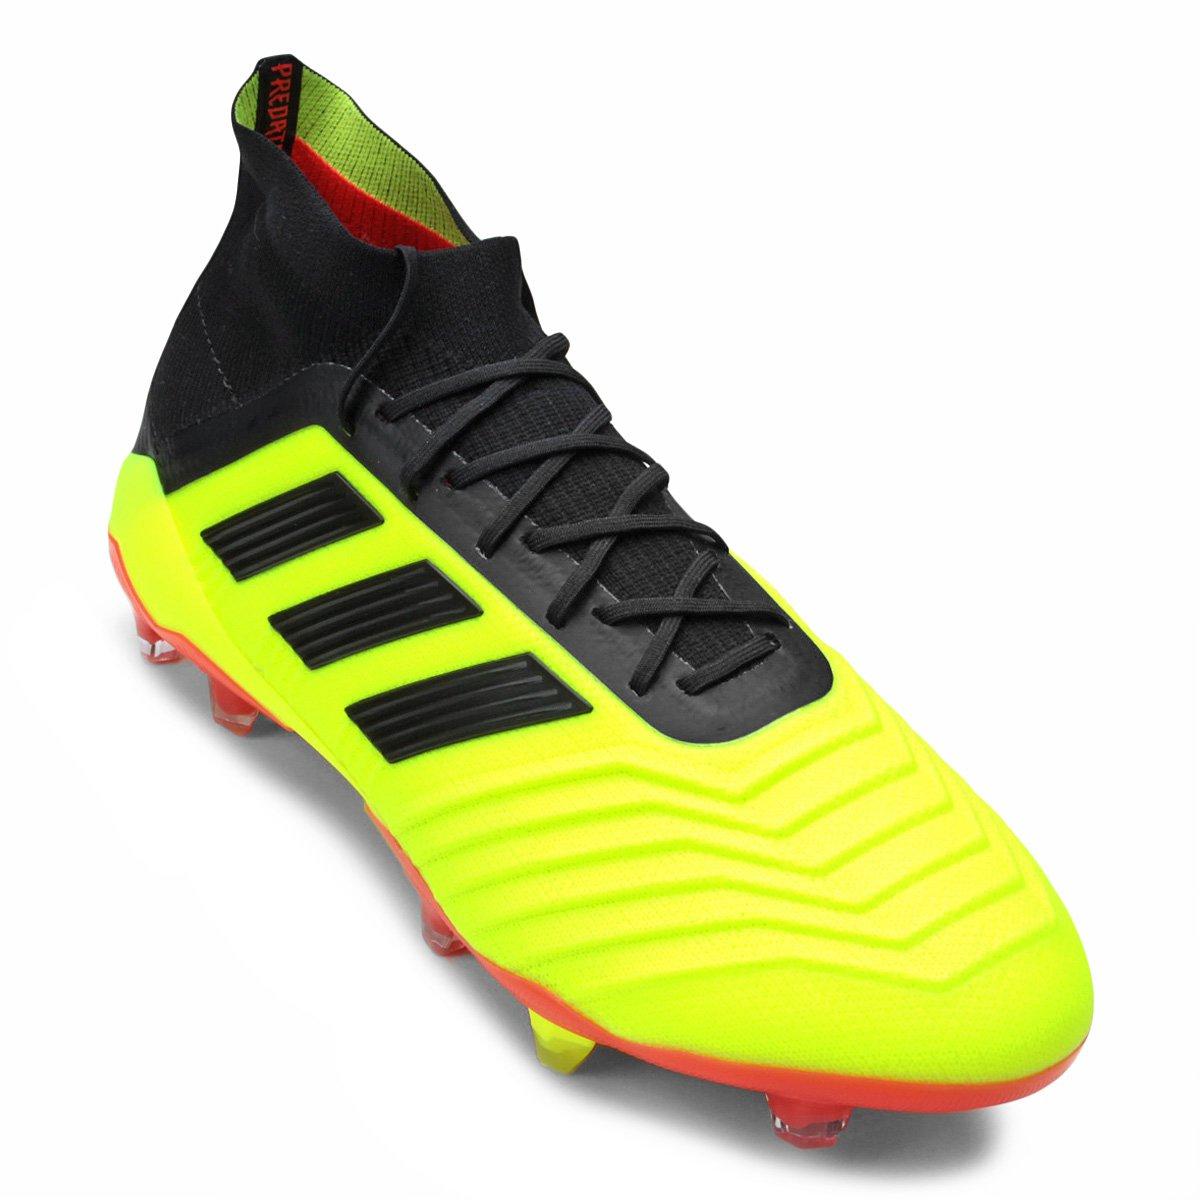 Chuteira Campo Adidas Predator 18 1 FG - Amarelo e Preto - Compre ... 3b030926019ee